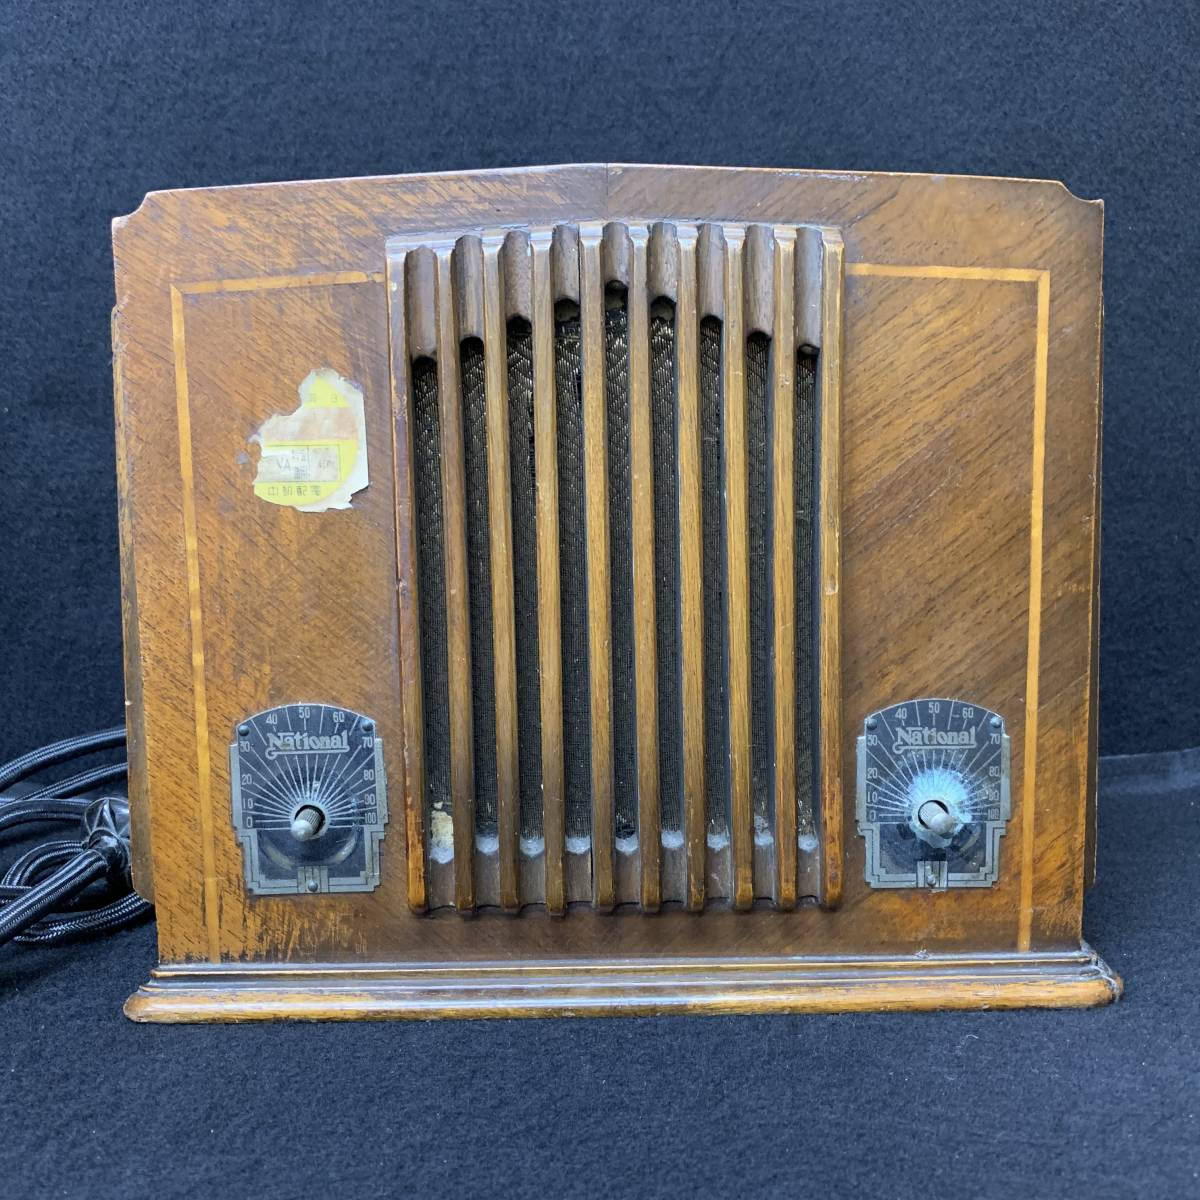 ナショナル 真空管ラジオ 1